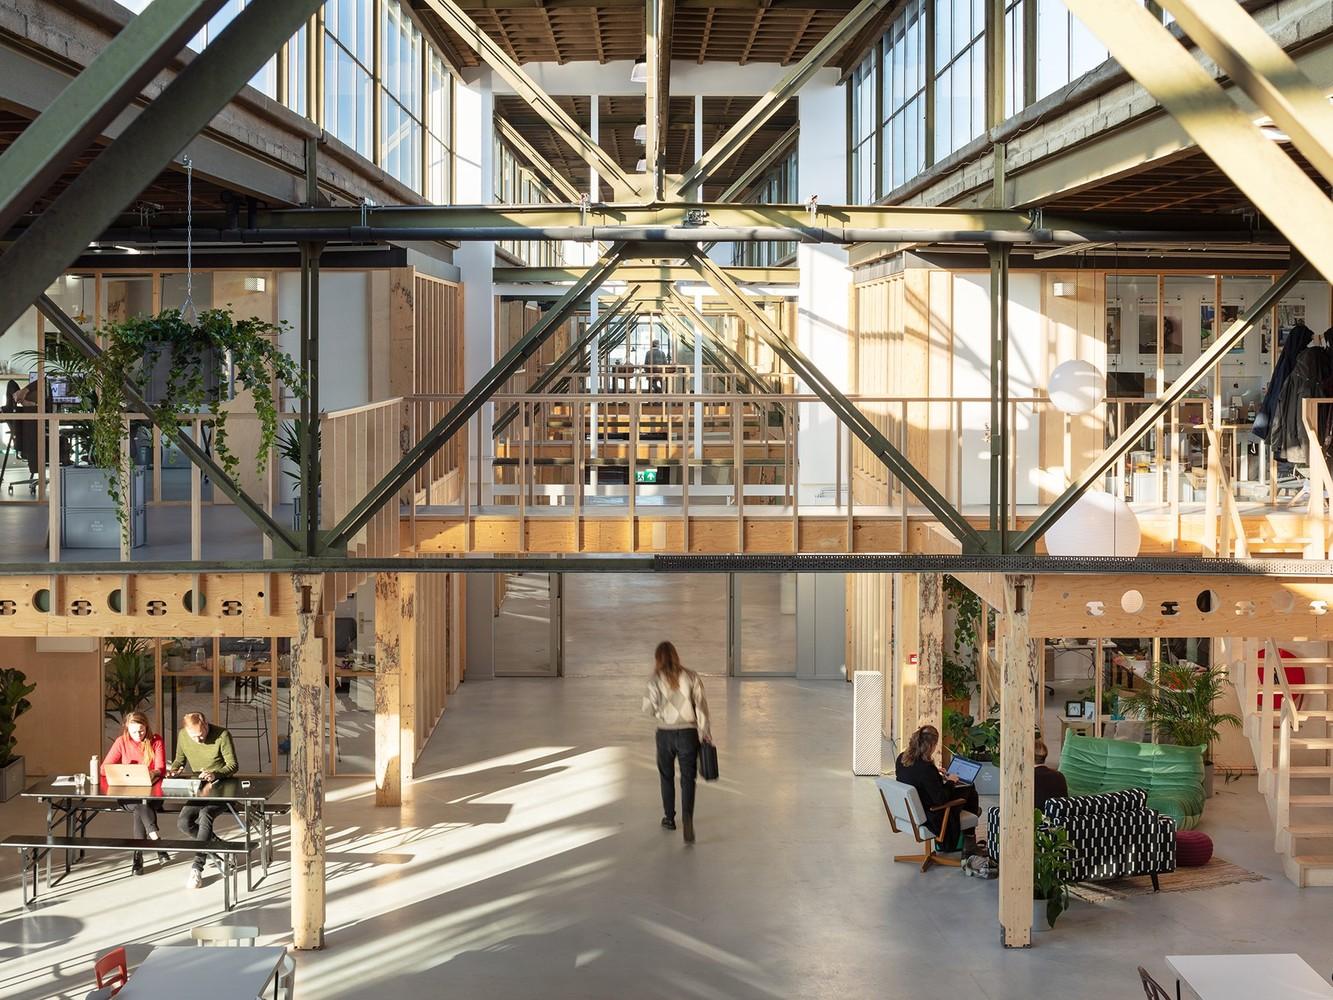 Các xu hướng kiến trúc mới mẻ và nổi bật trên thế giới - Ảnh 2.